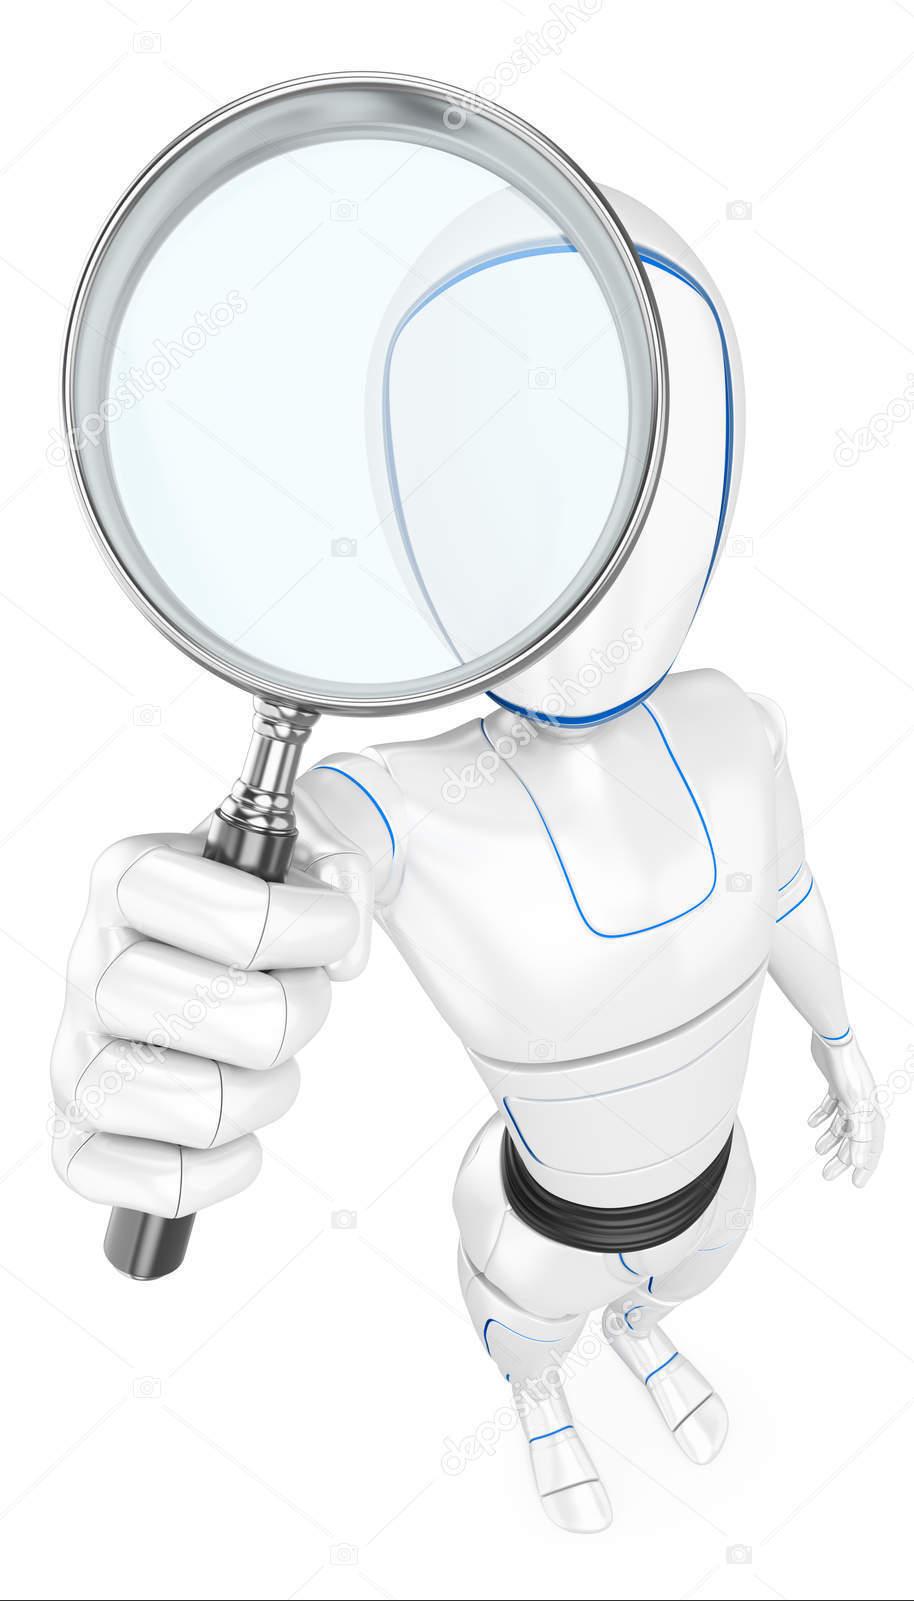 [recovery mode] Искусственный интеллект против лжи и коварства